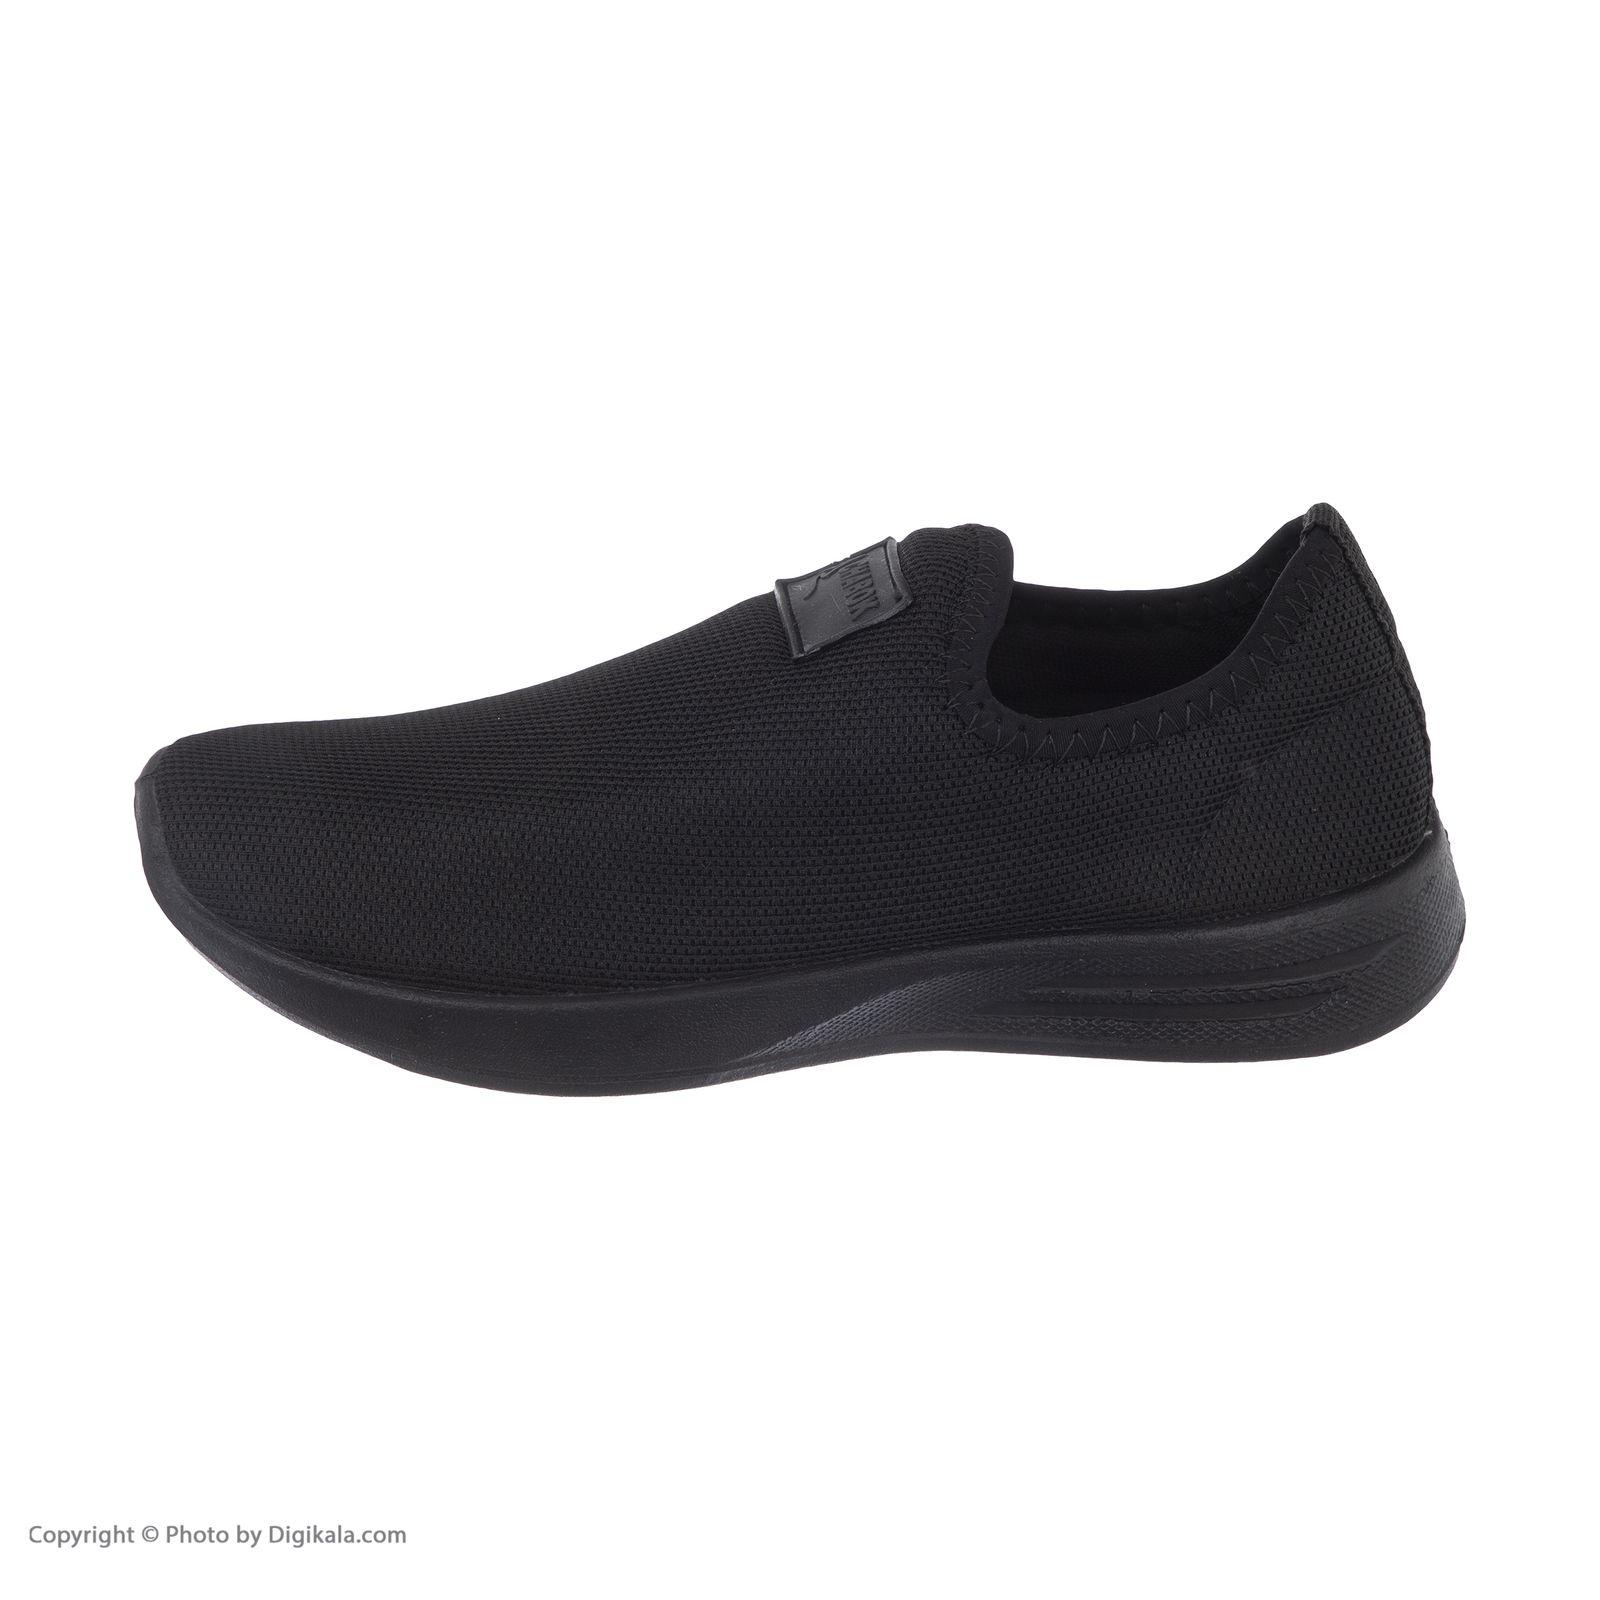 کفش راحتی چابک مدل رامش رنگ مشکی -  - 3